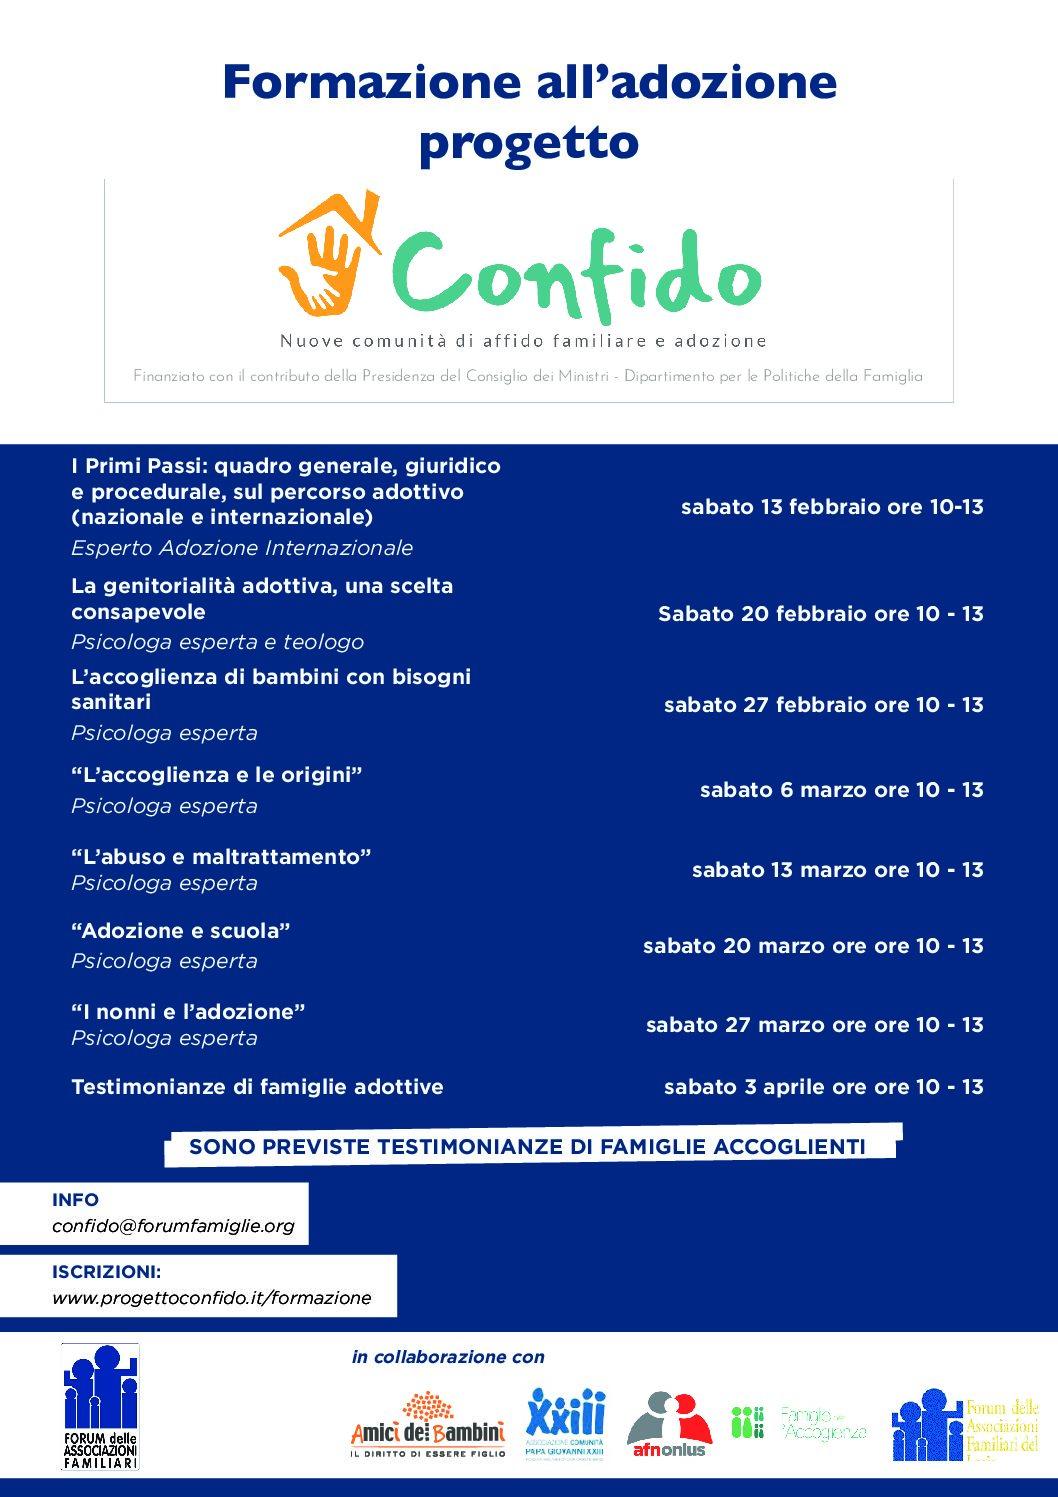 Locandina Confido Lazio adozione